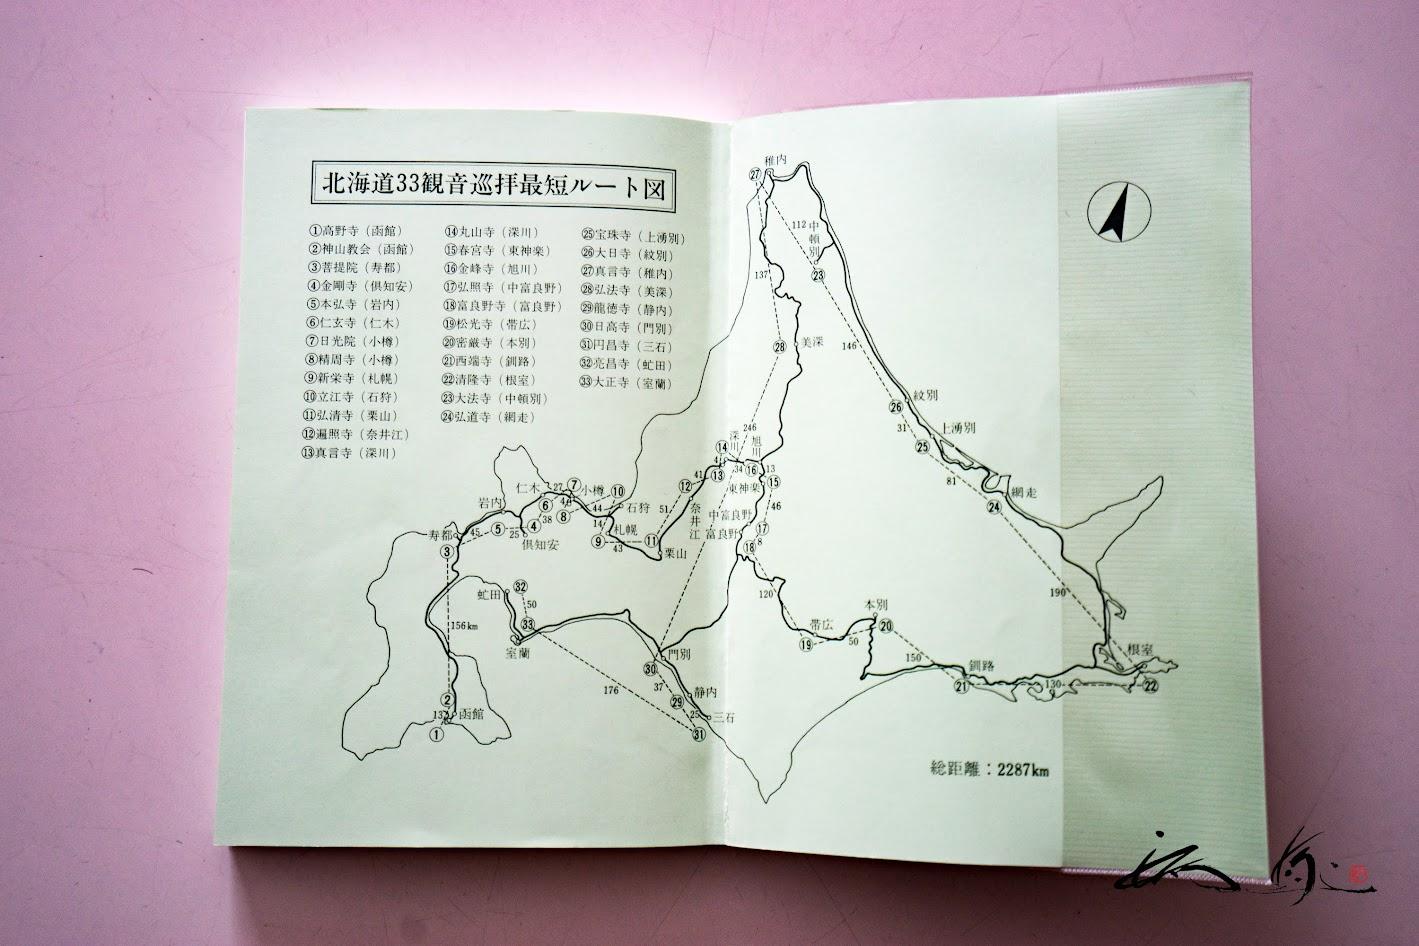 北海道三十三観音巡拝・最短ルート図